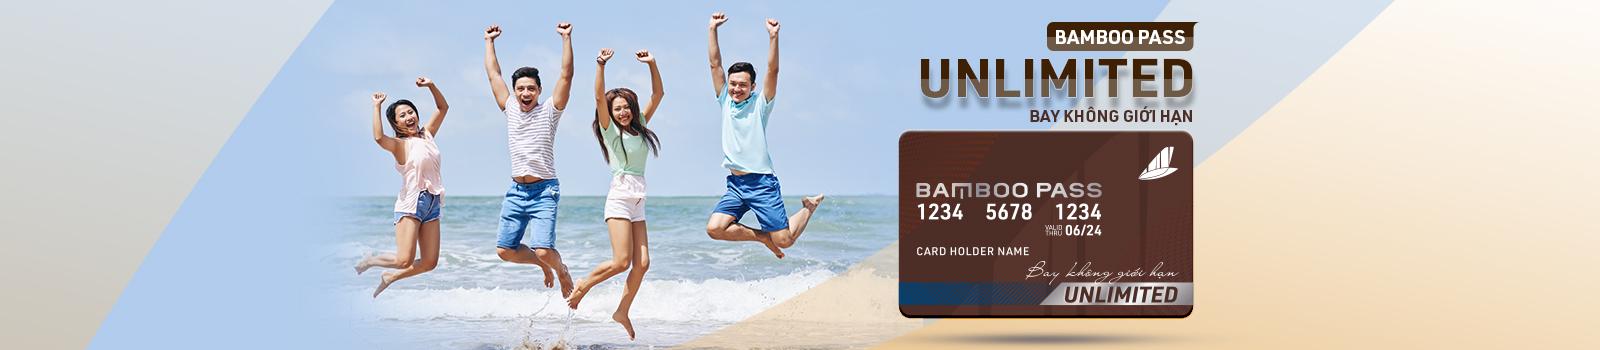 Bamboo Pass - Unlimited - Thẻ bay không giới hạn 23,100,000 VNĐ